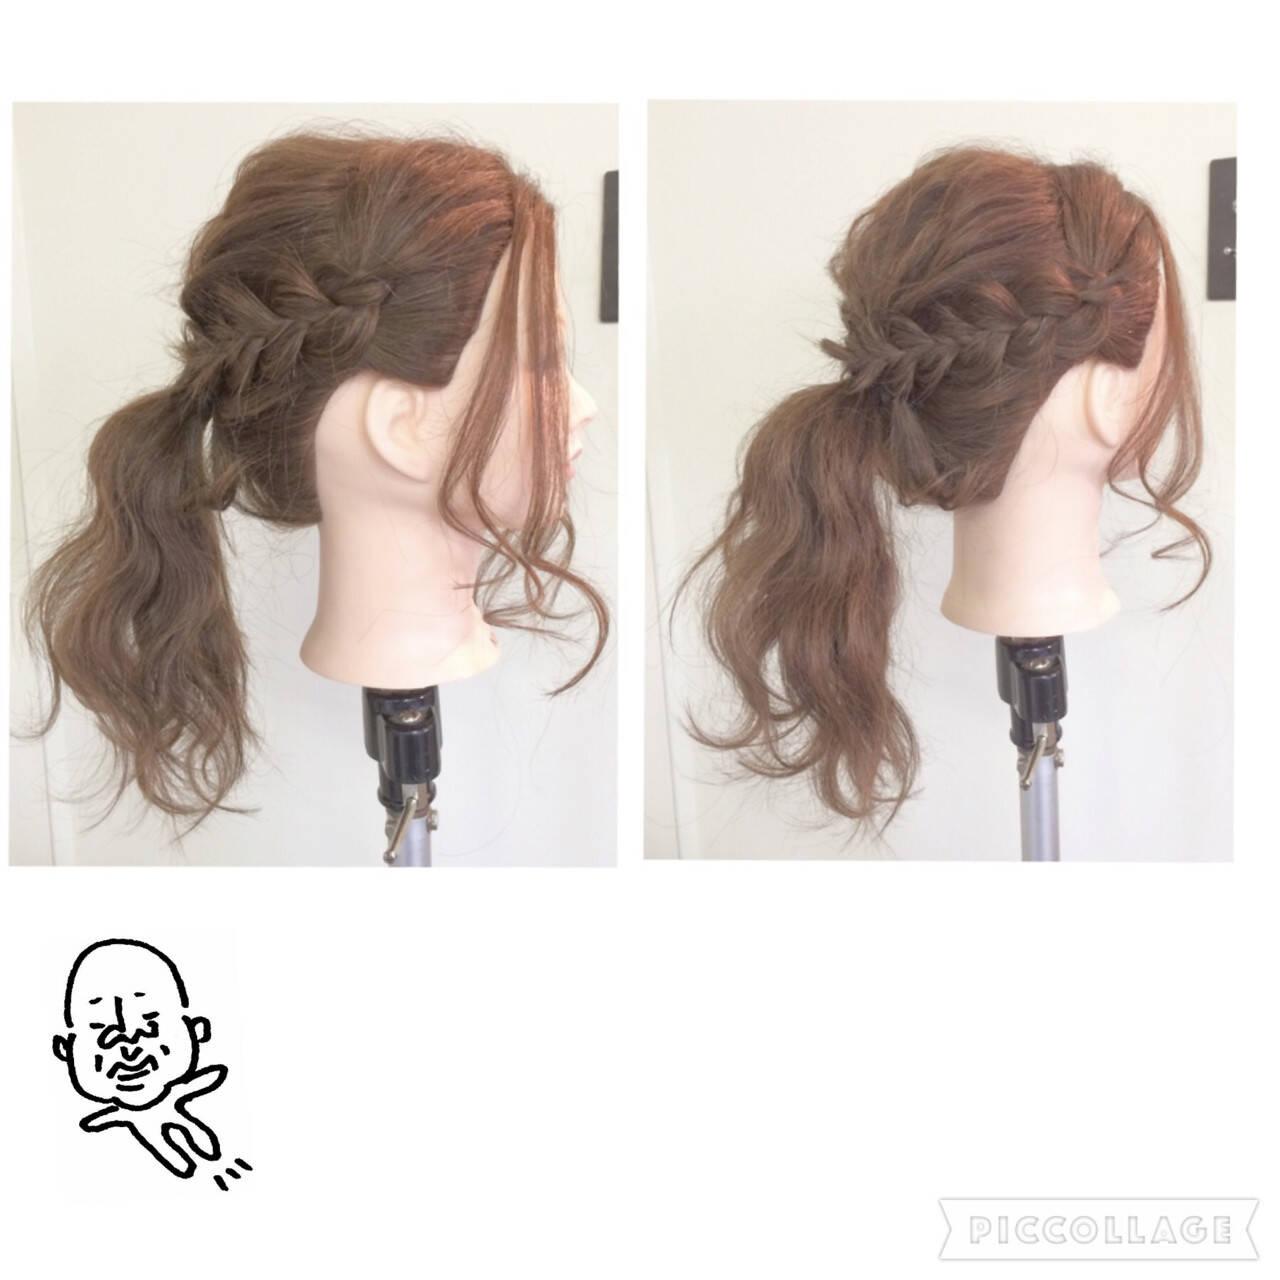 ポニーテール 三つ編み ヘアアレンジ ロングヘアスタイルや髪型の写真・画像